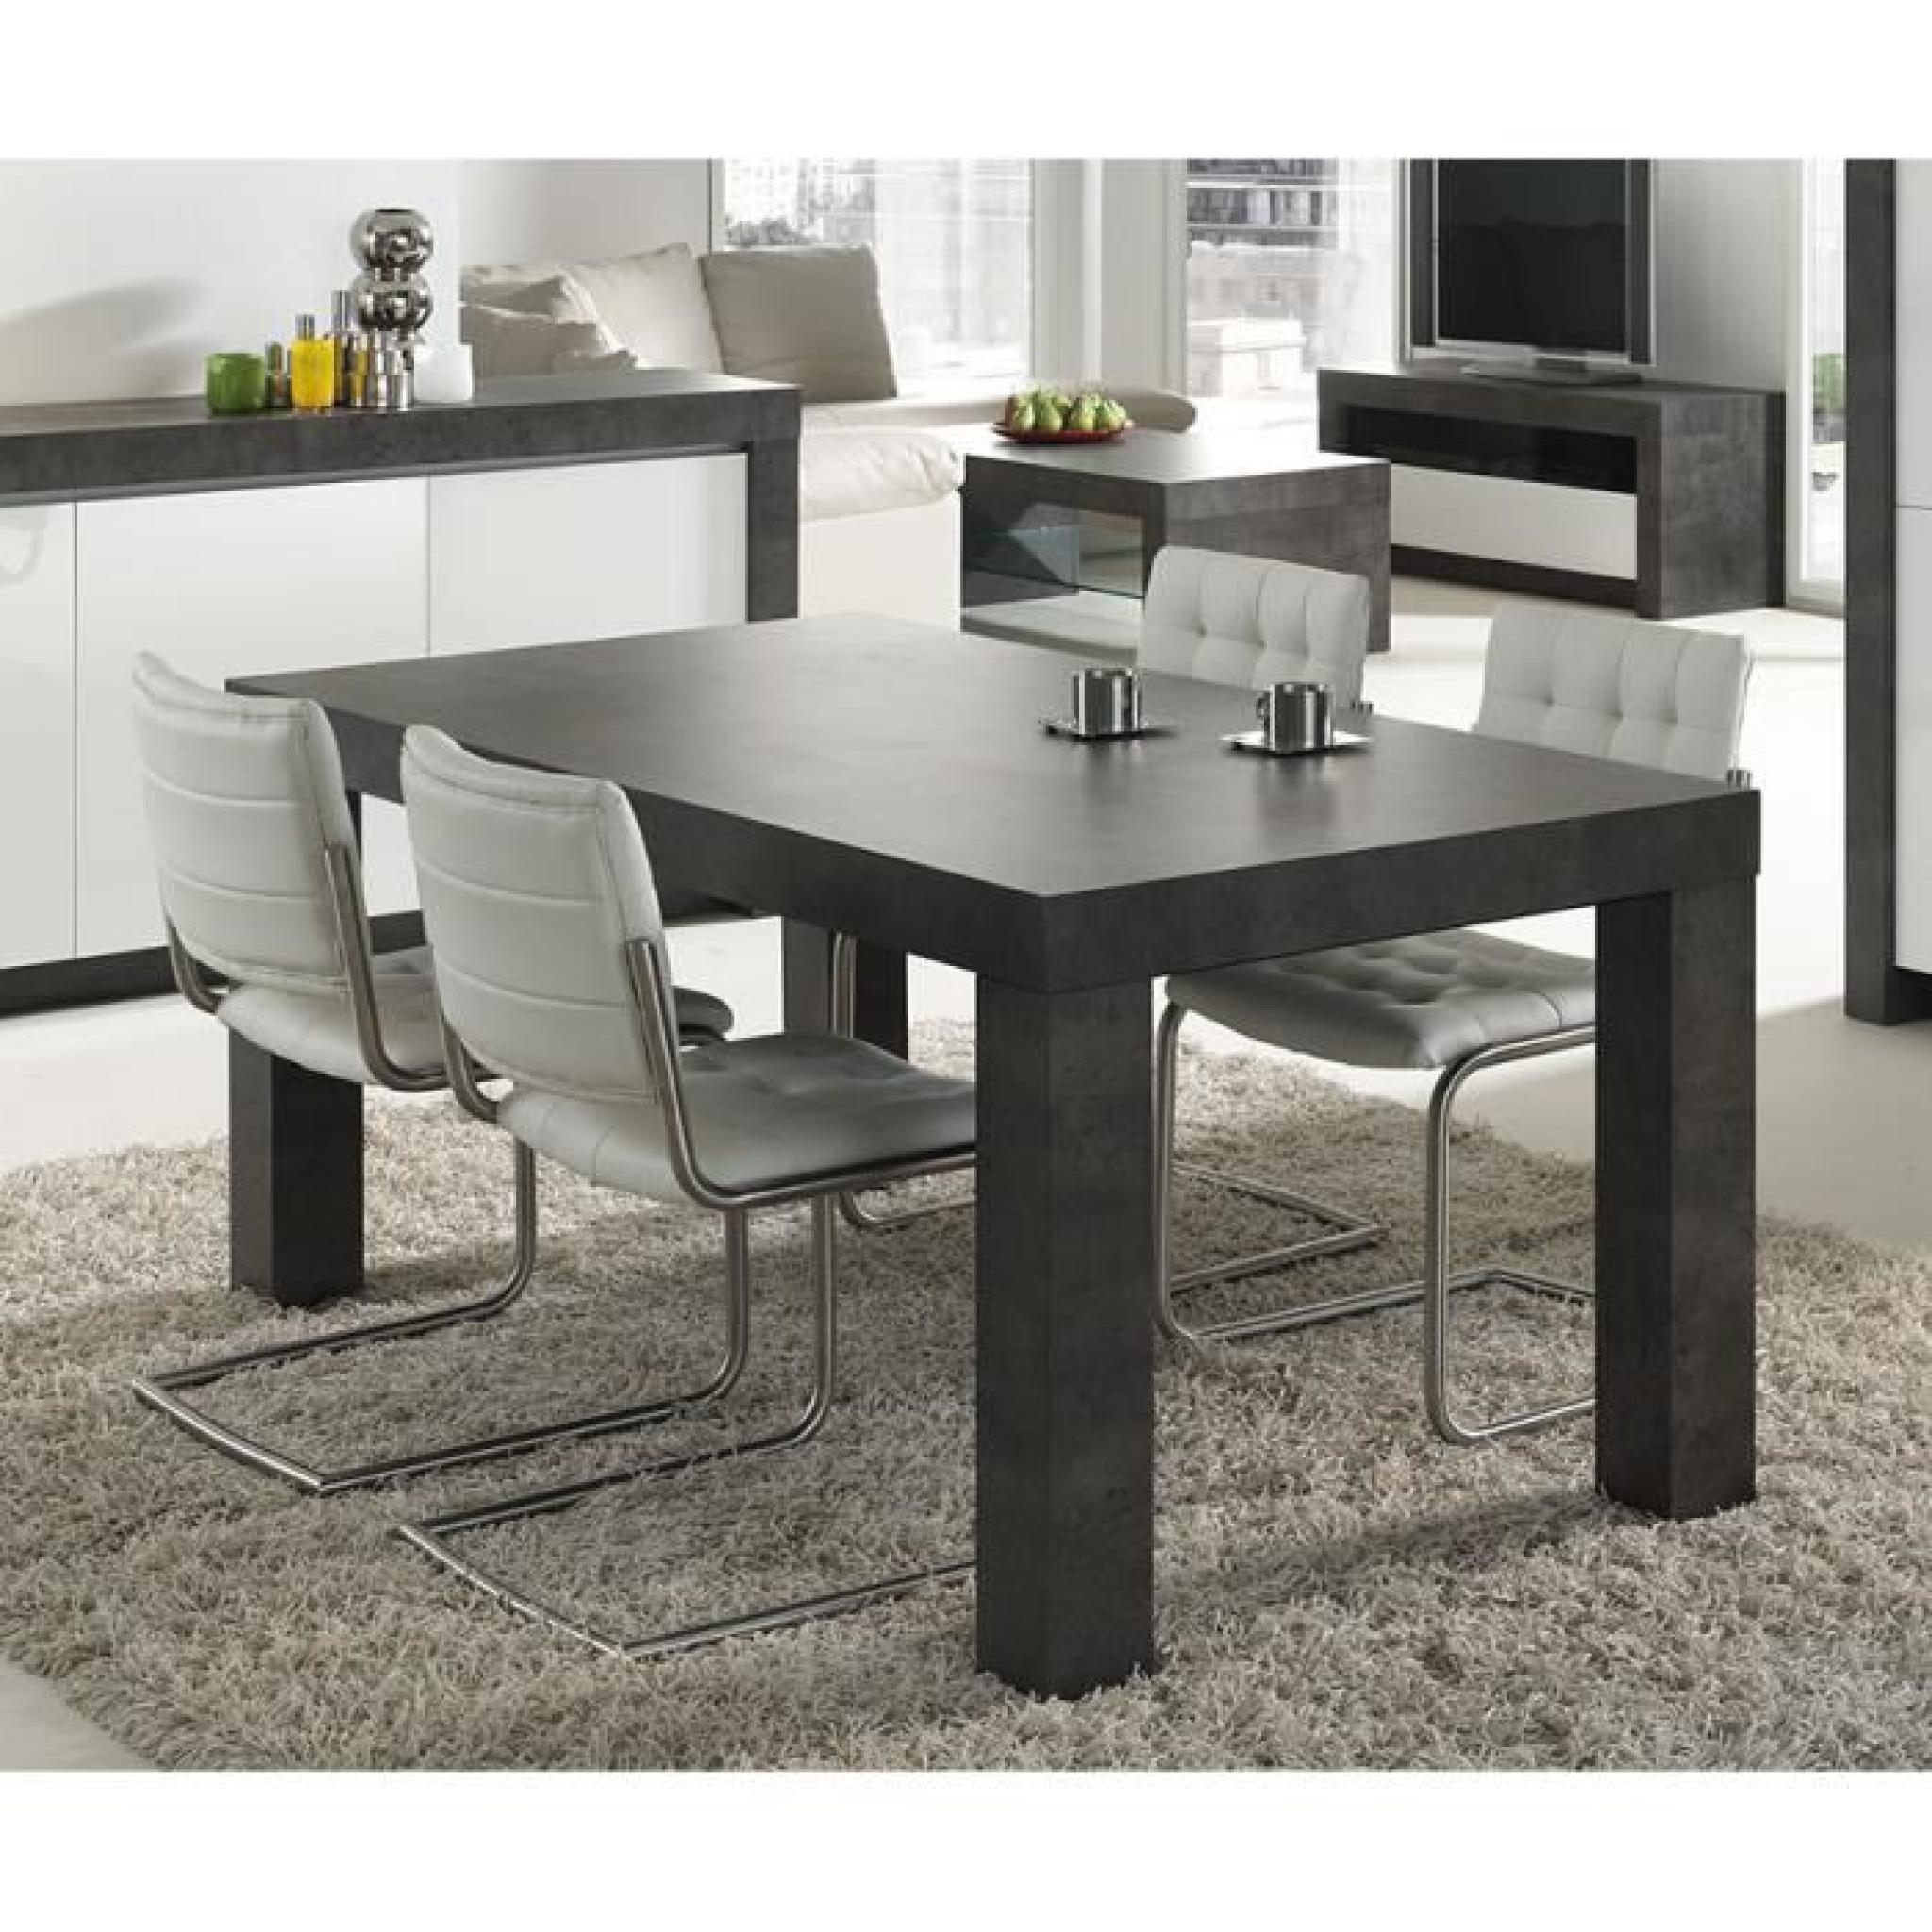 Salle à Manger Moderne Pas Cher: Table à Manger Gris Effet Béton Ciré Moderne MURILO Table